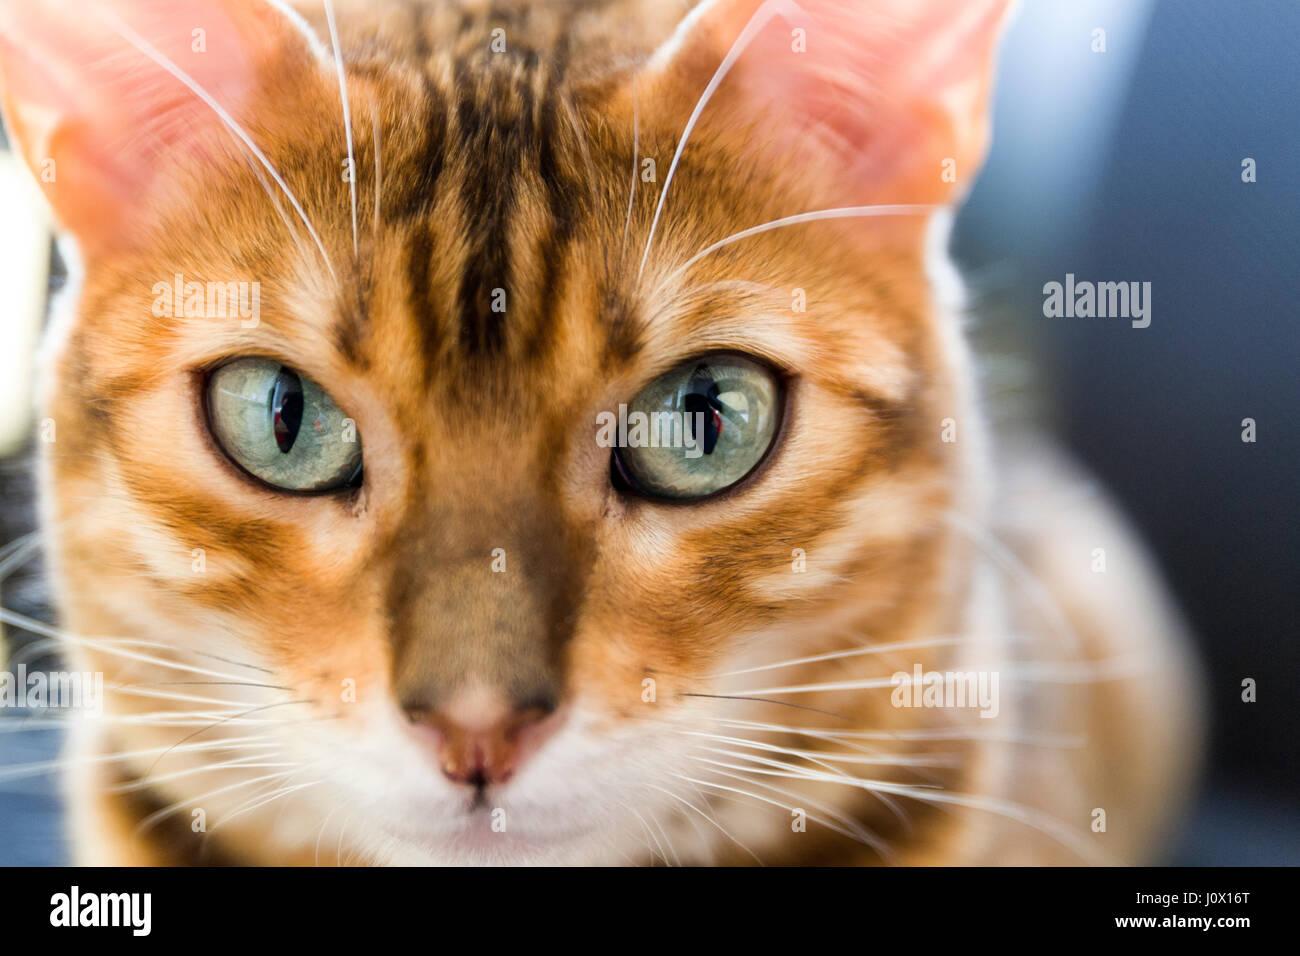 Close up Portrait von weiblichen Bengal Katze Augen und Gesicht Model Release: Nein Property Release: Ja. Stockbild